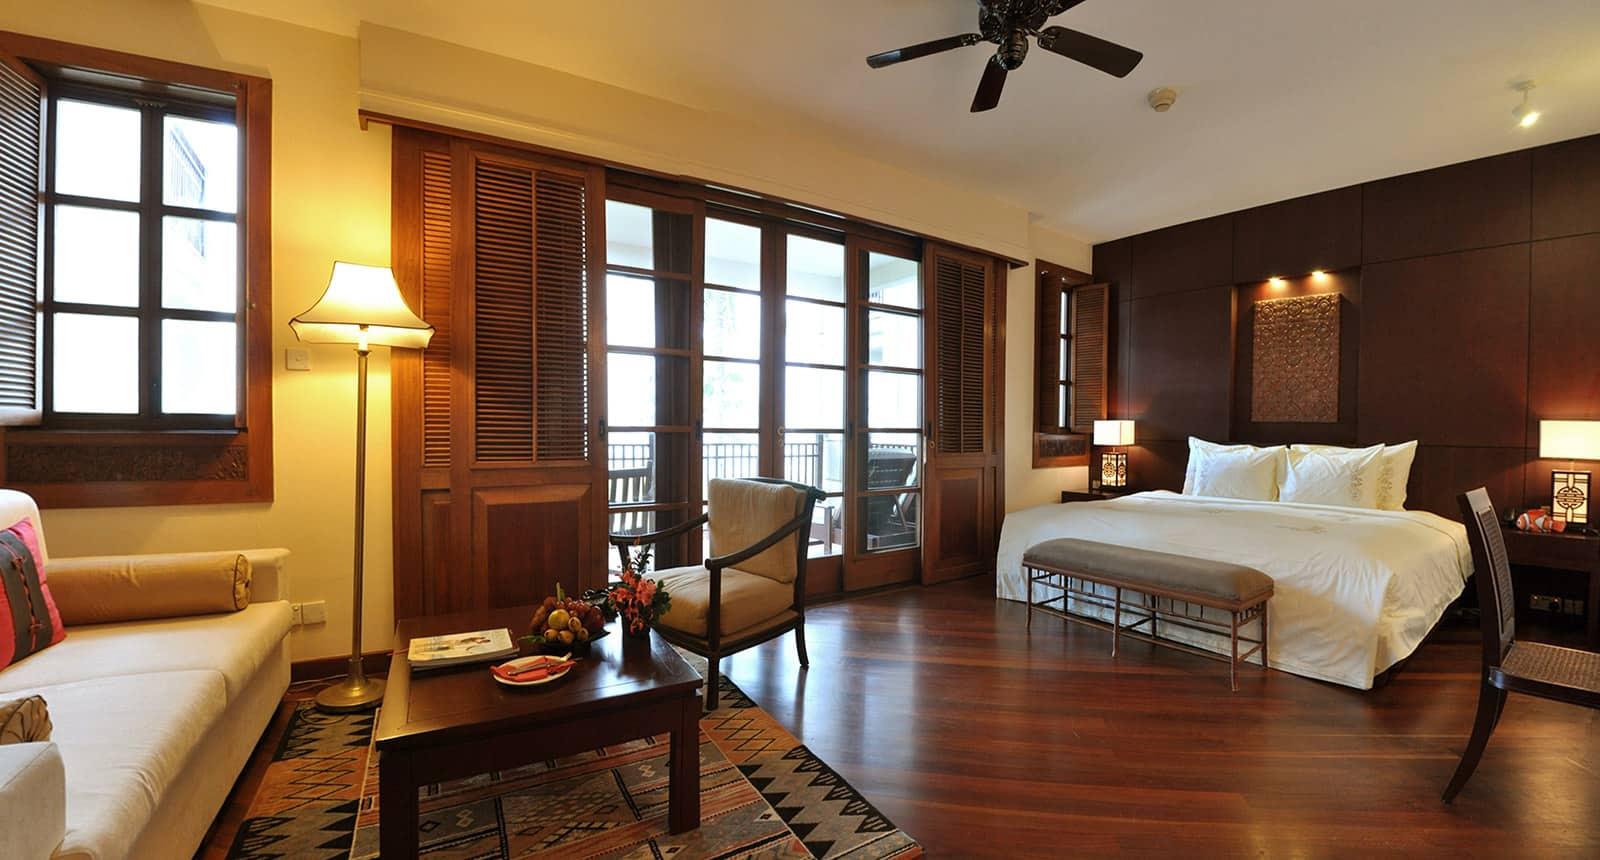 Căn phòng với thiết kế mang đậm nét truyền thống Việt